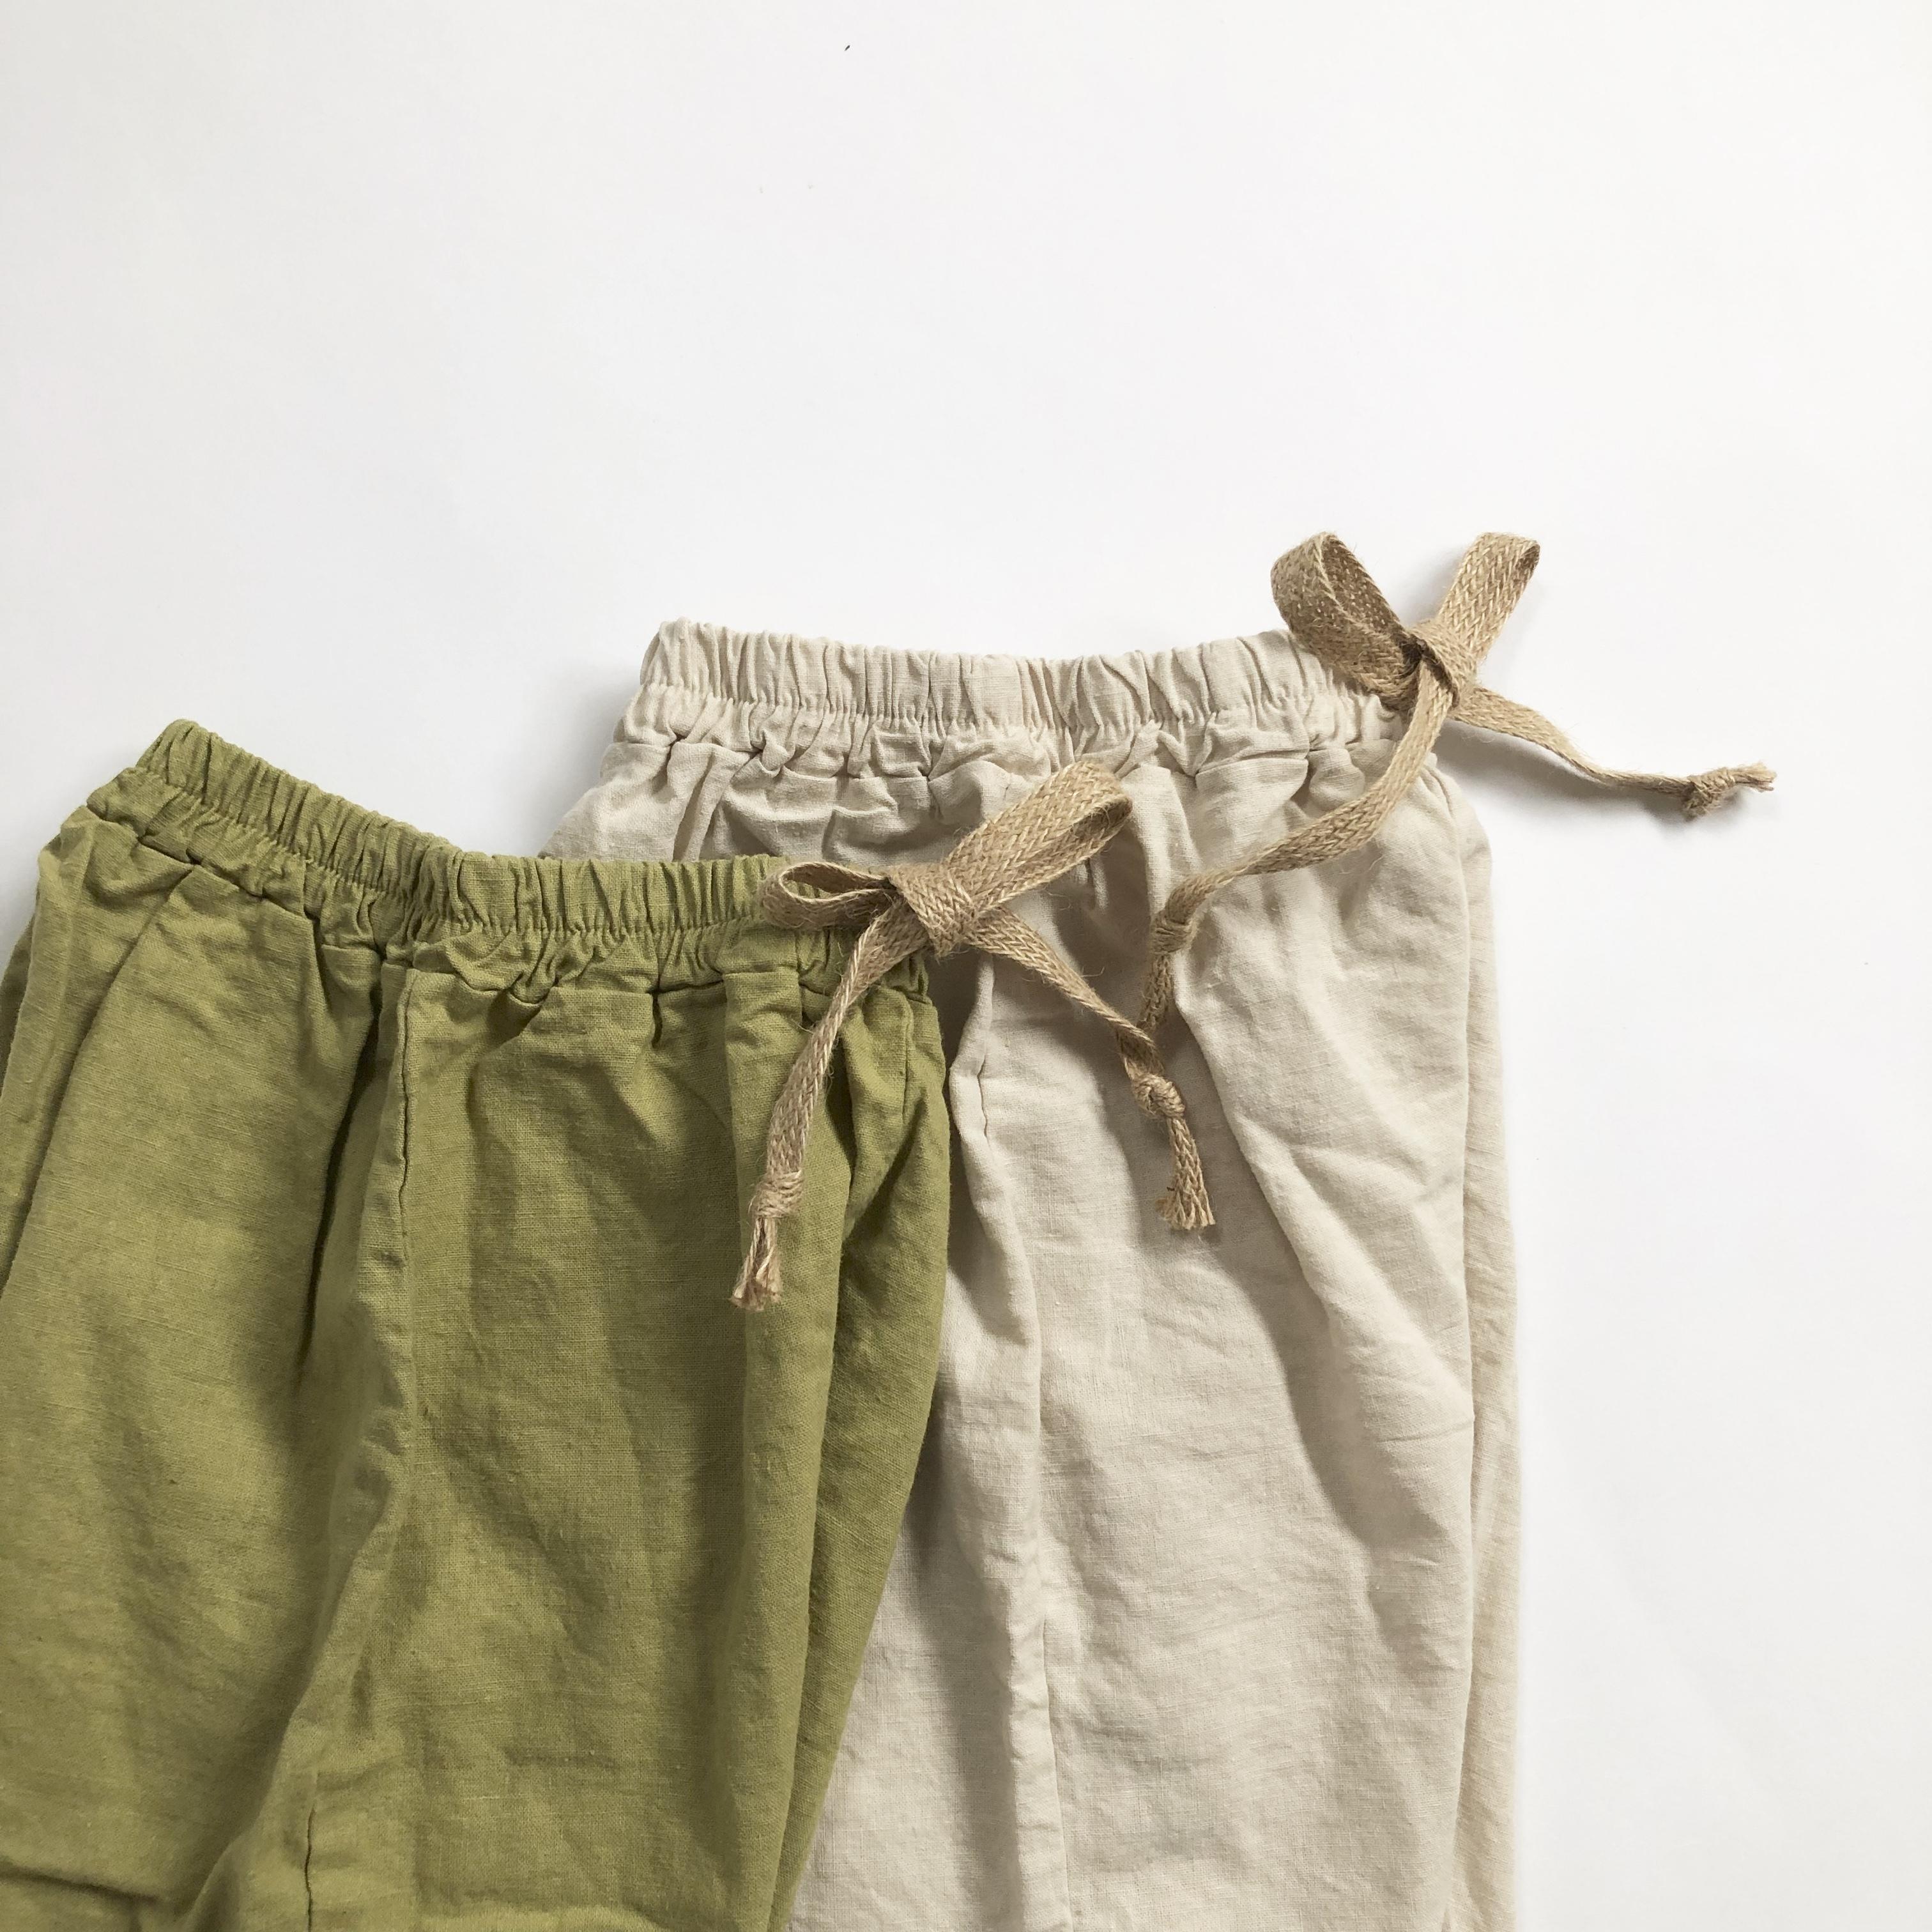 〈 233 〉Twine pants